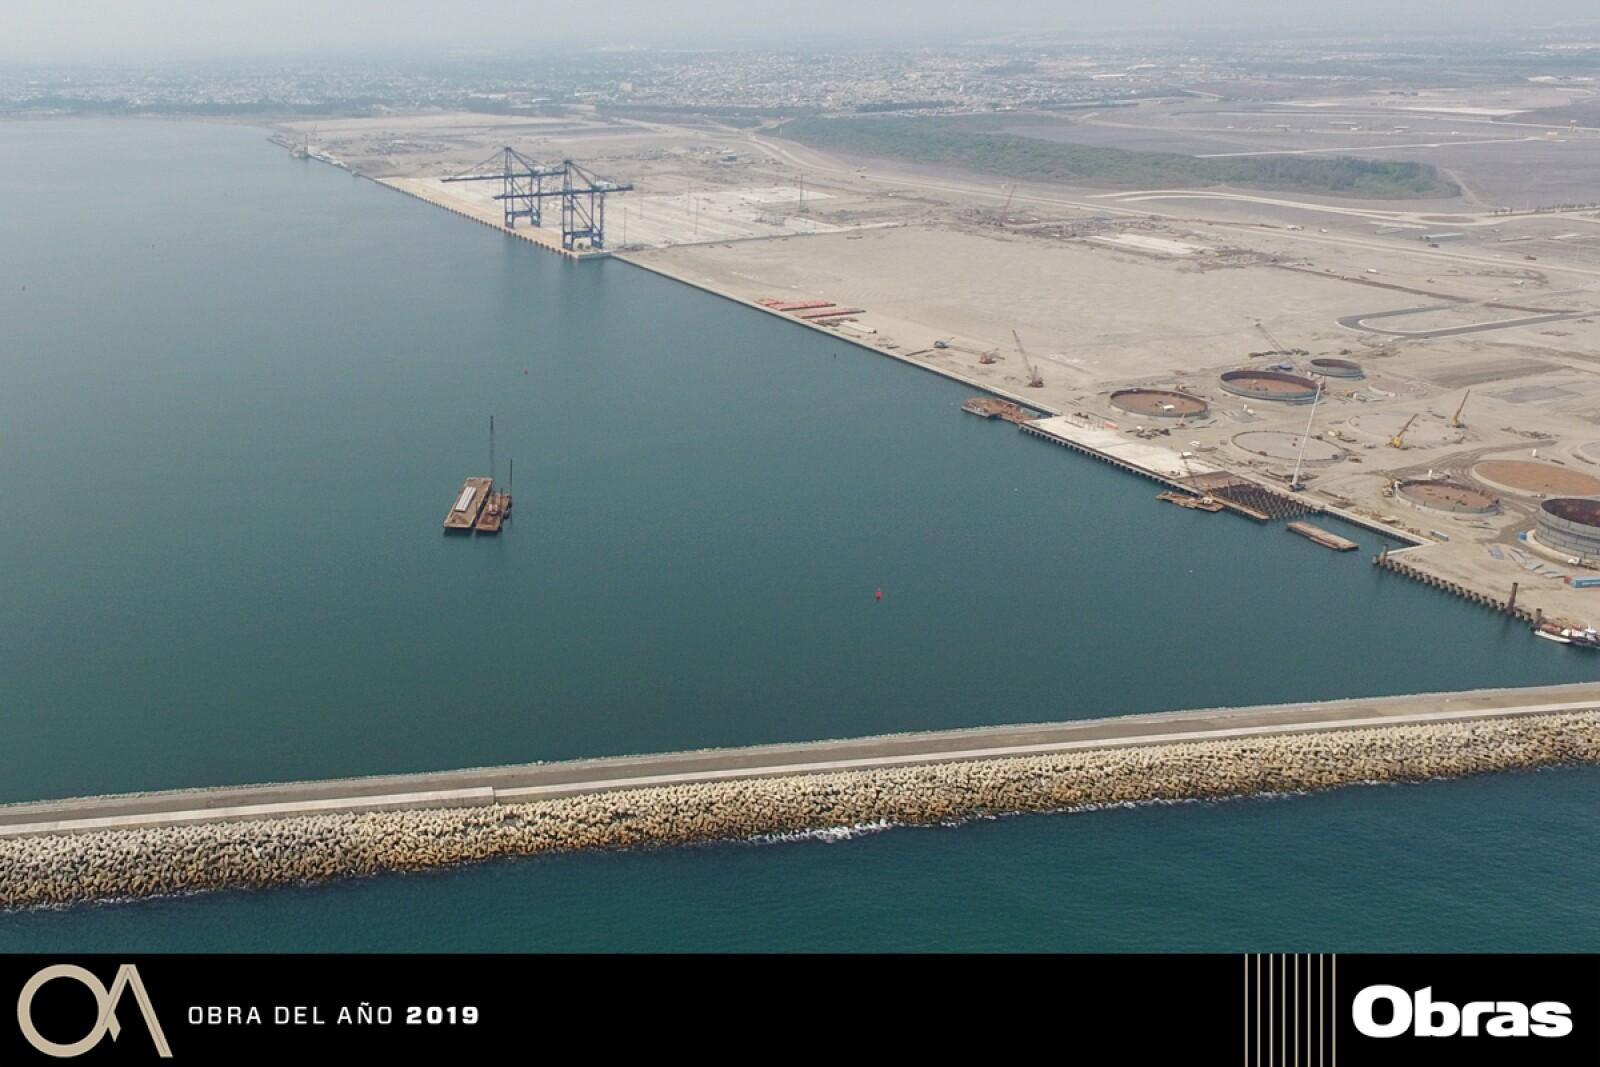 Primera Fase de Modernización del Puerto de Veracruz, Infraestructura Vial y Logística